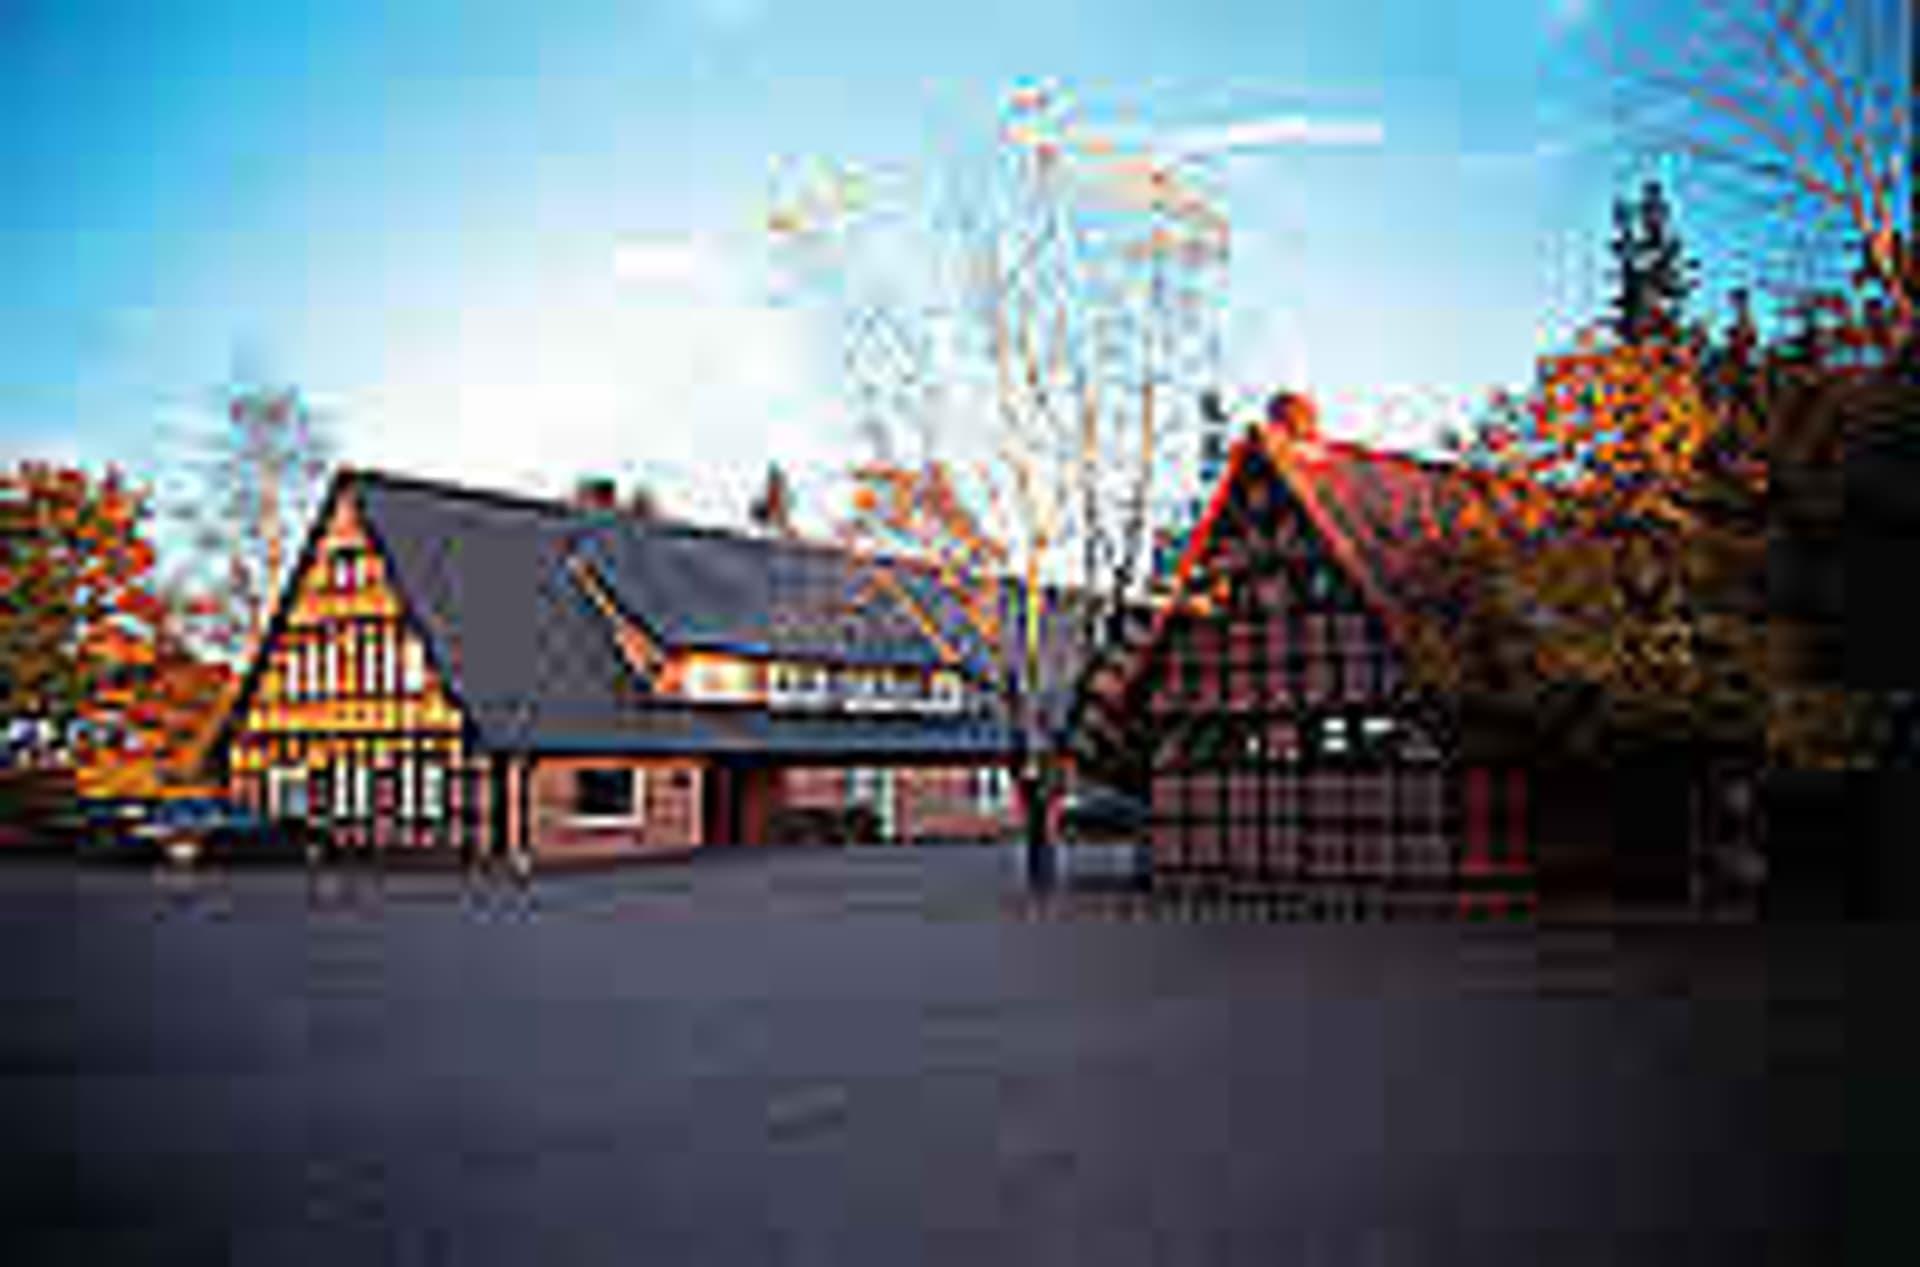 Alloshaus